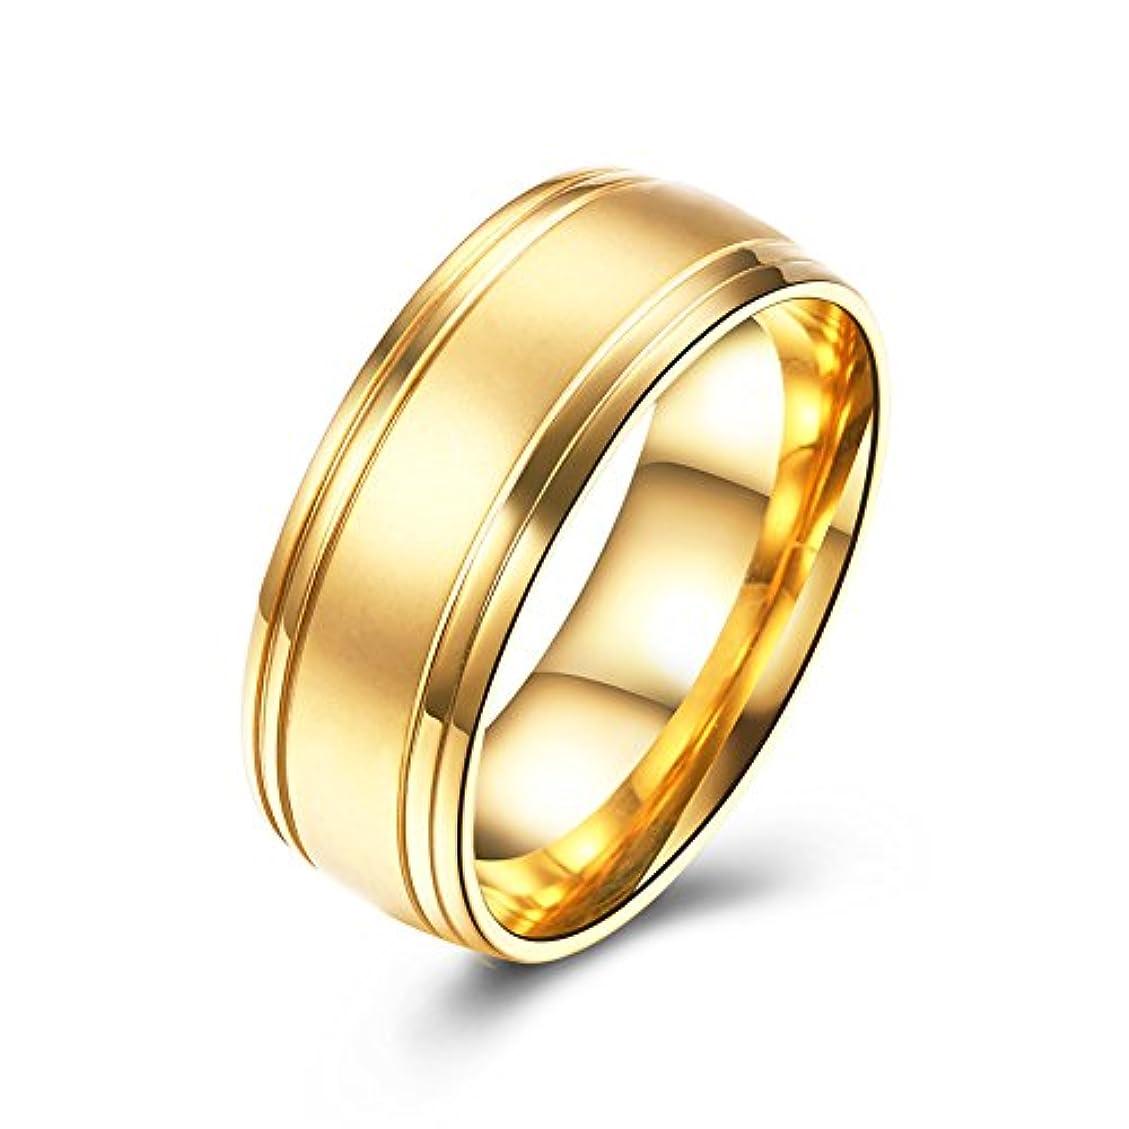 ブレーキ豊富なウィスキー流行アクセサリー バレンタインデーのカップルの指輪 ステンレススタンダードリング アレルギーを防ぐ 色あせない